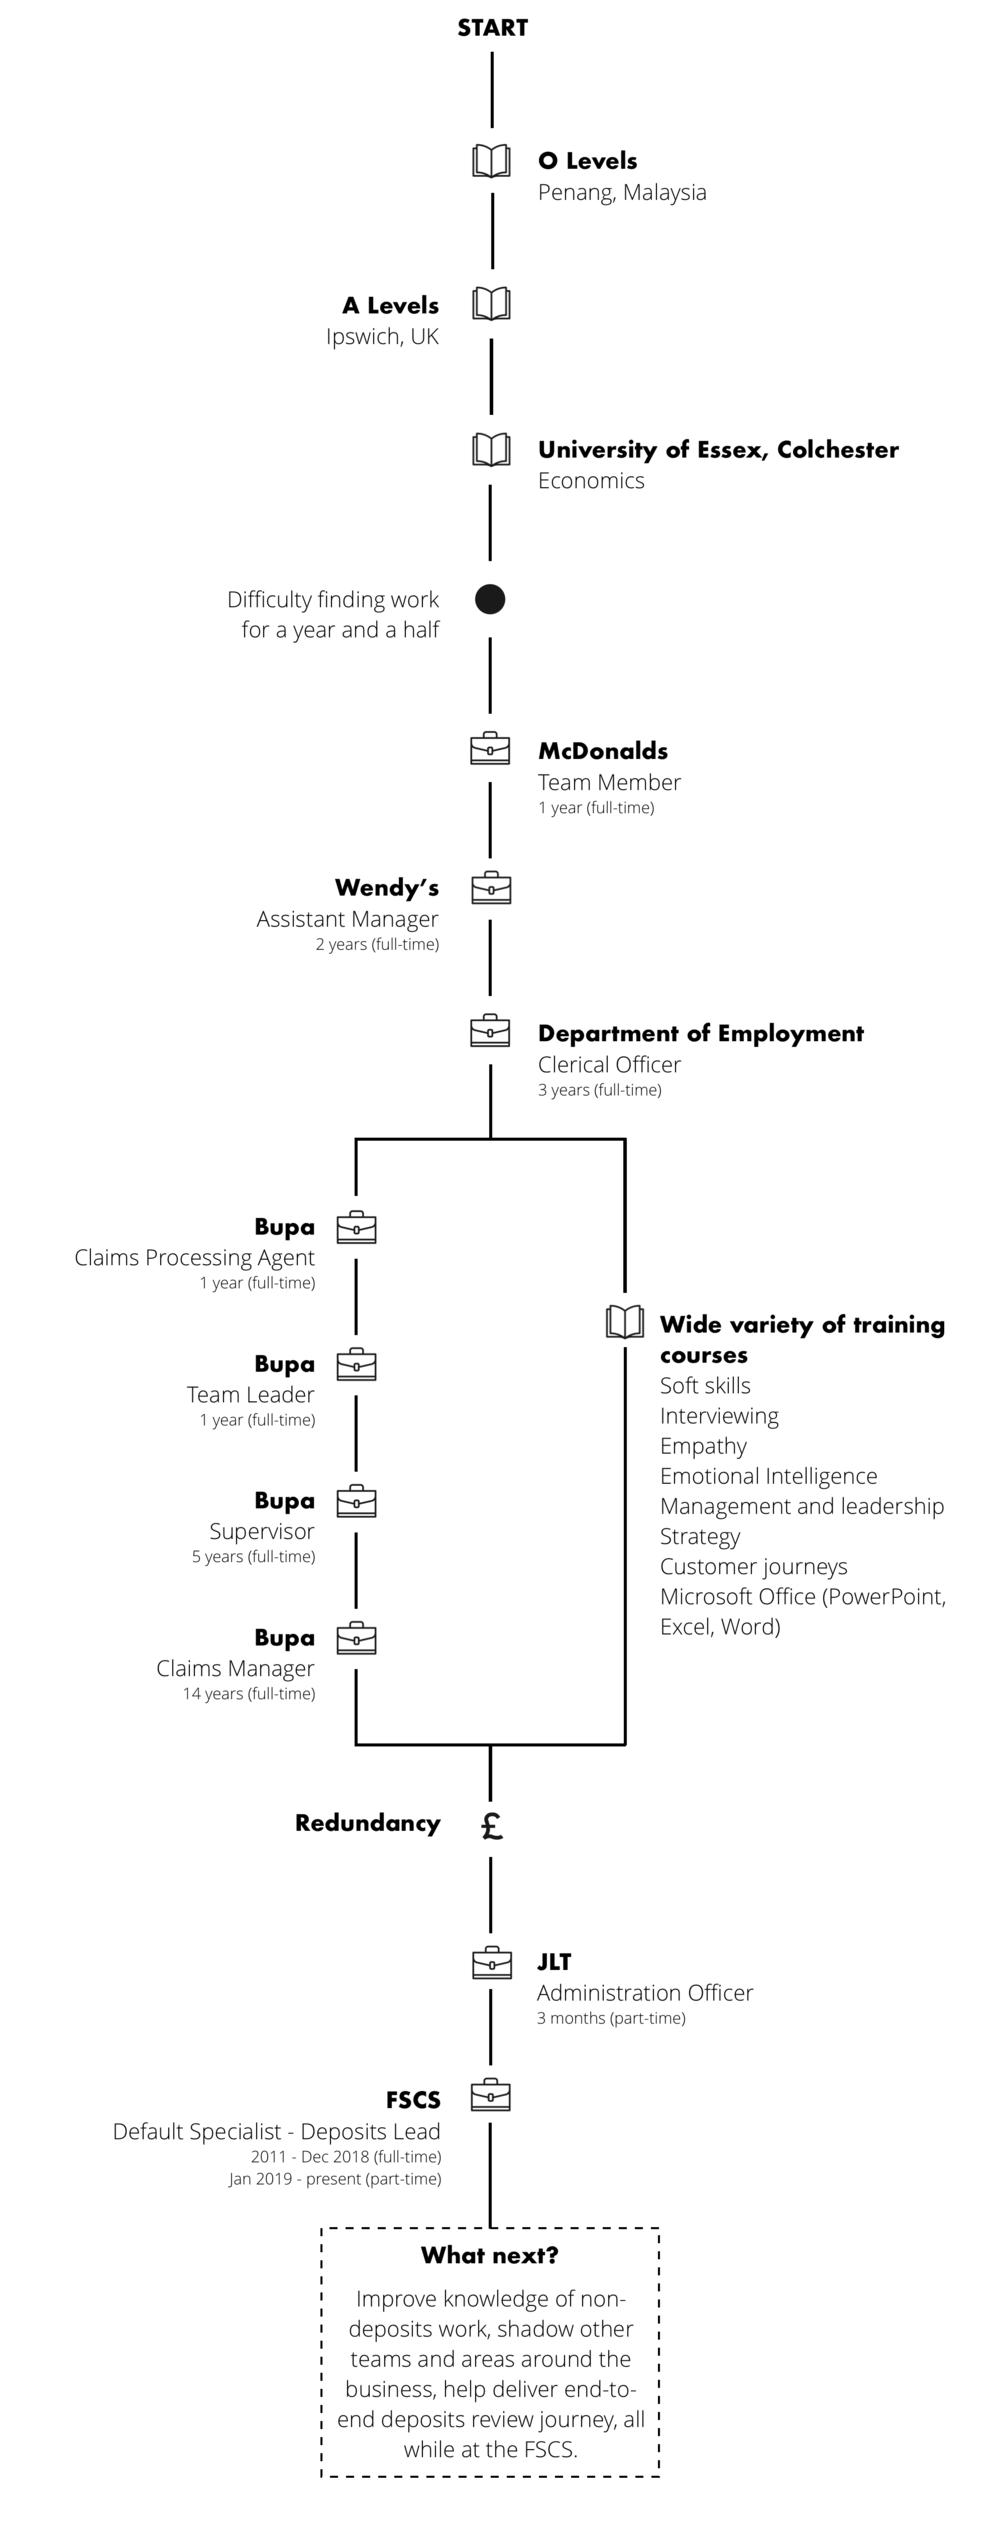 FSCS-renegade-generation-career-journey-map-stanley-nonis v3.png